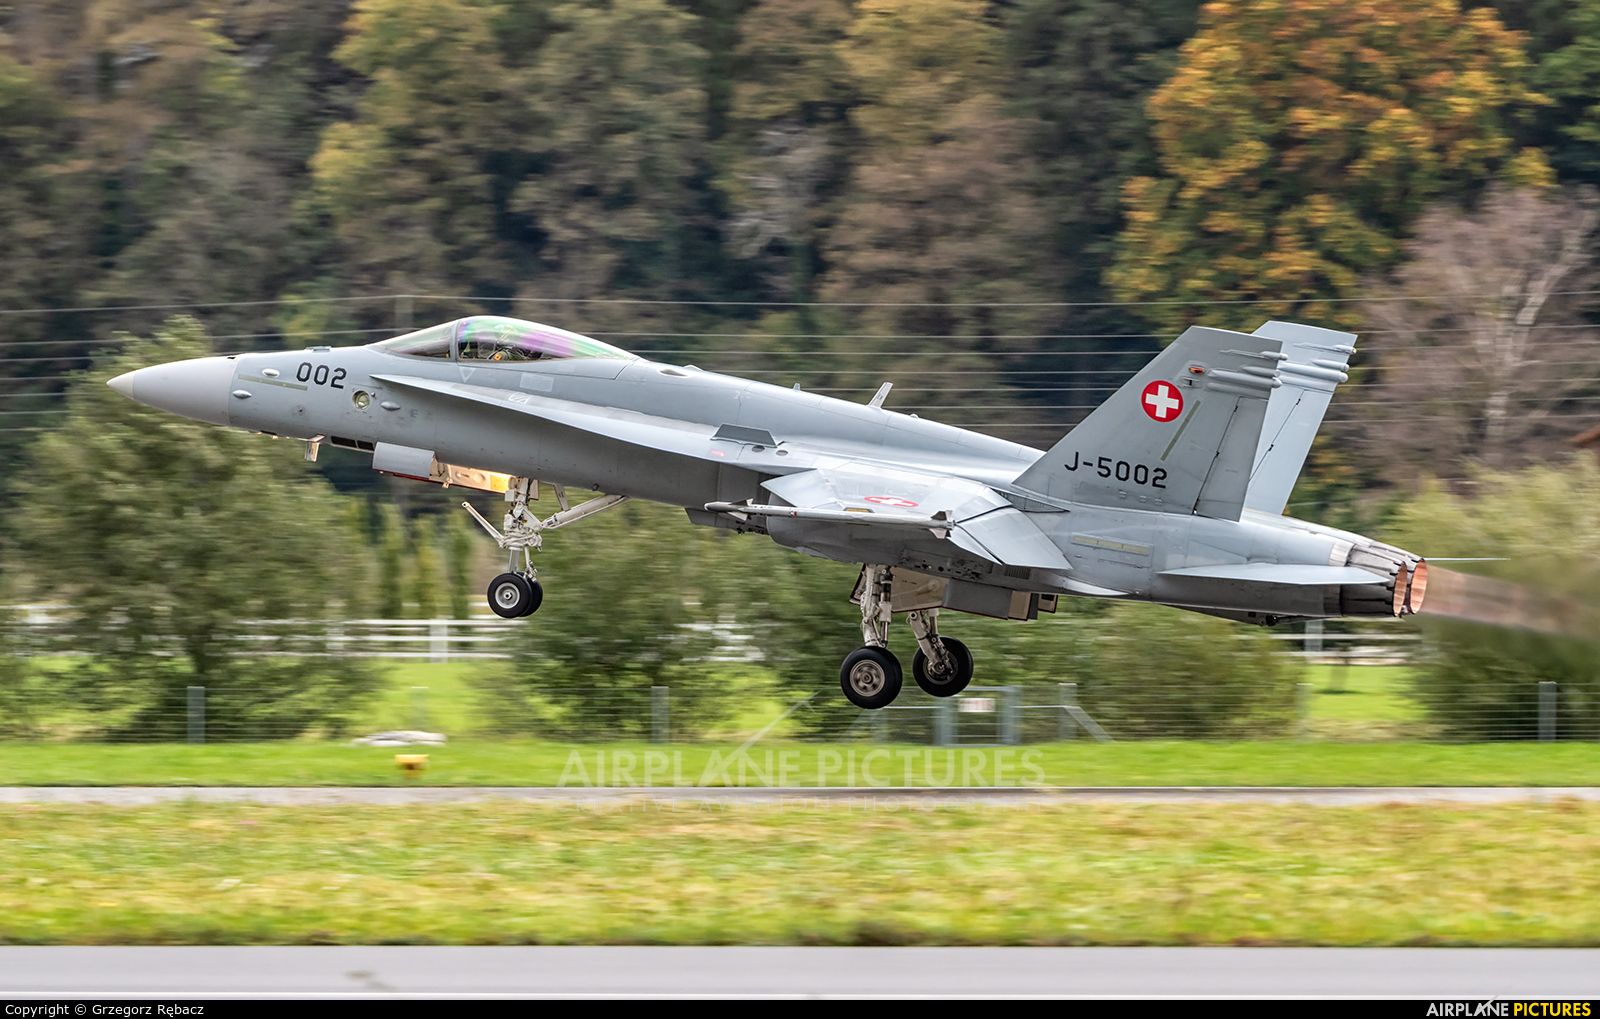 Switzerland - Air Force J-5002 aircraft at Meiringen